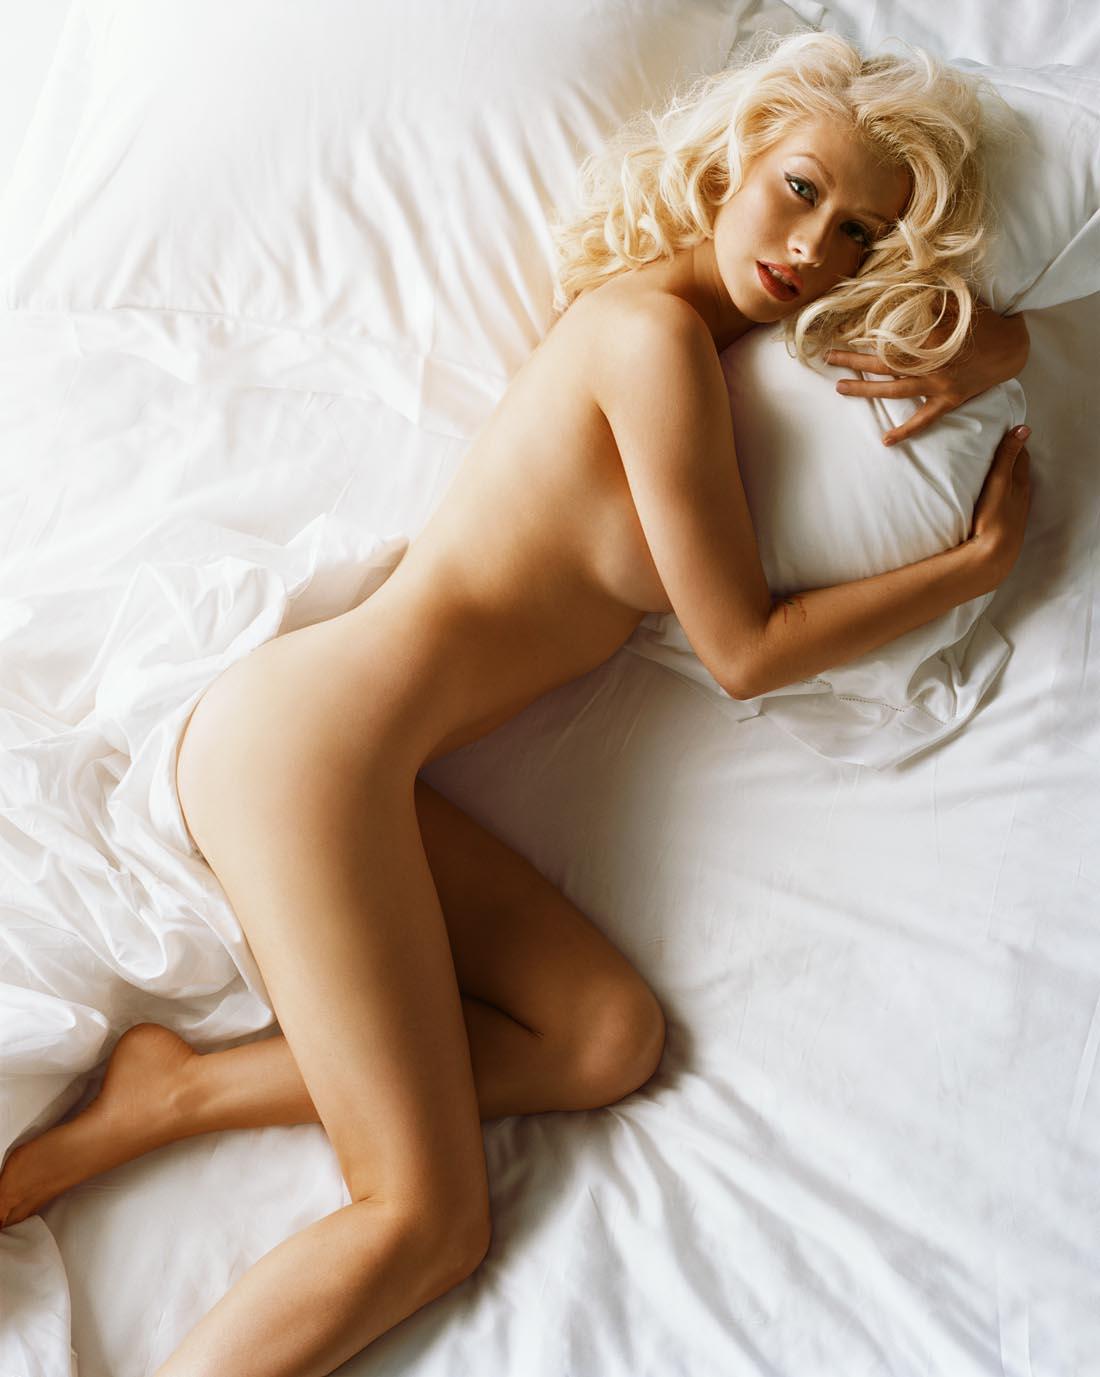 Tumblr erotic art porn